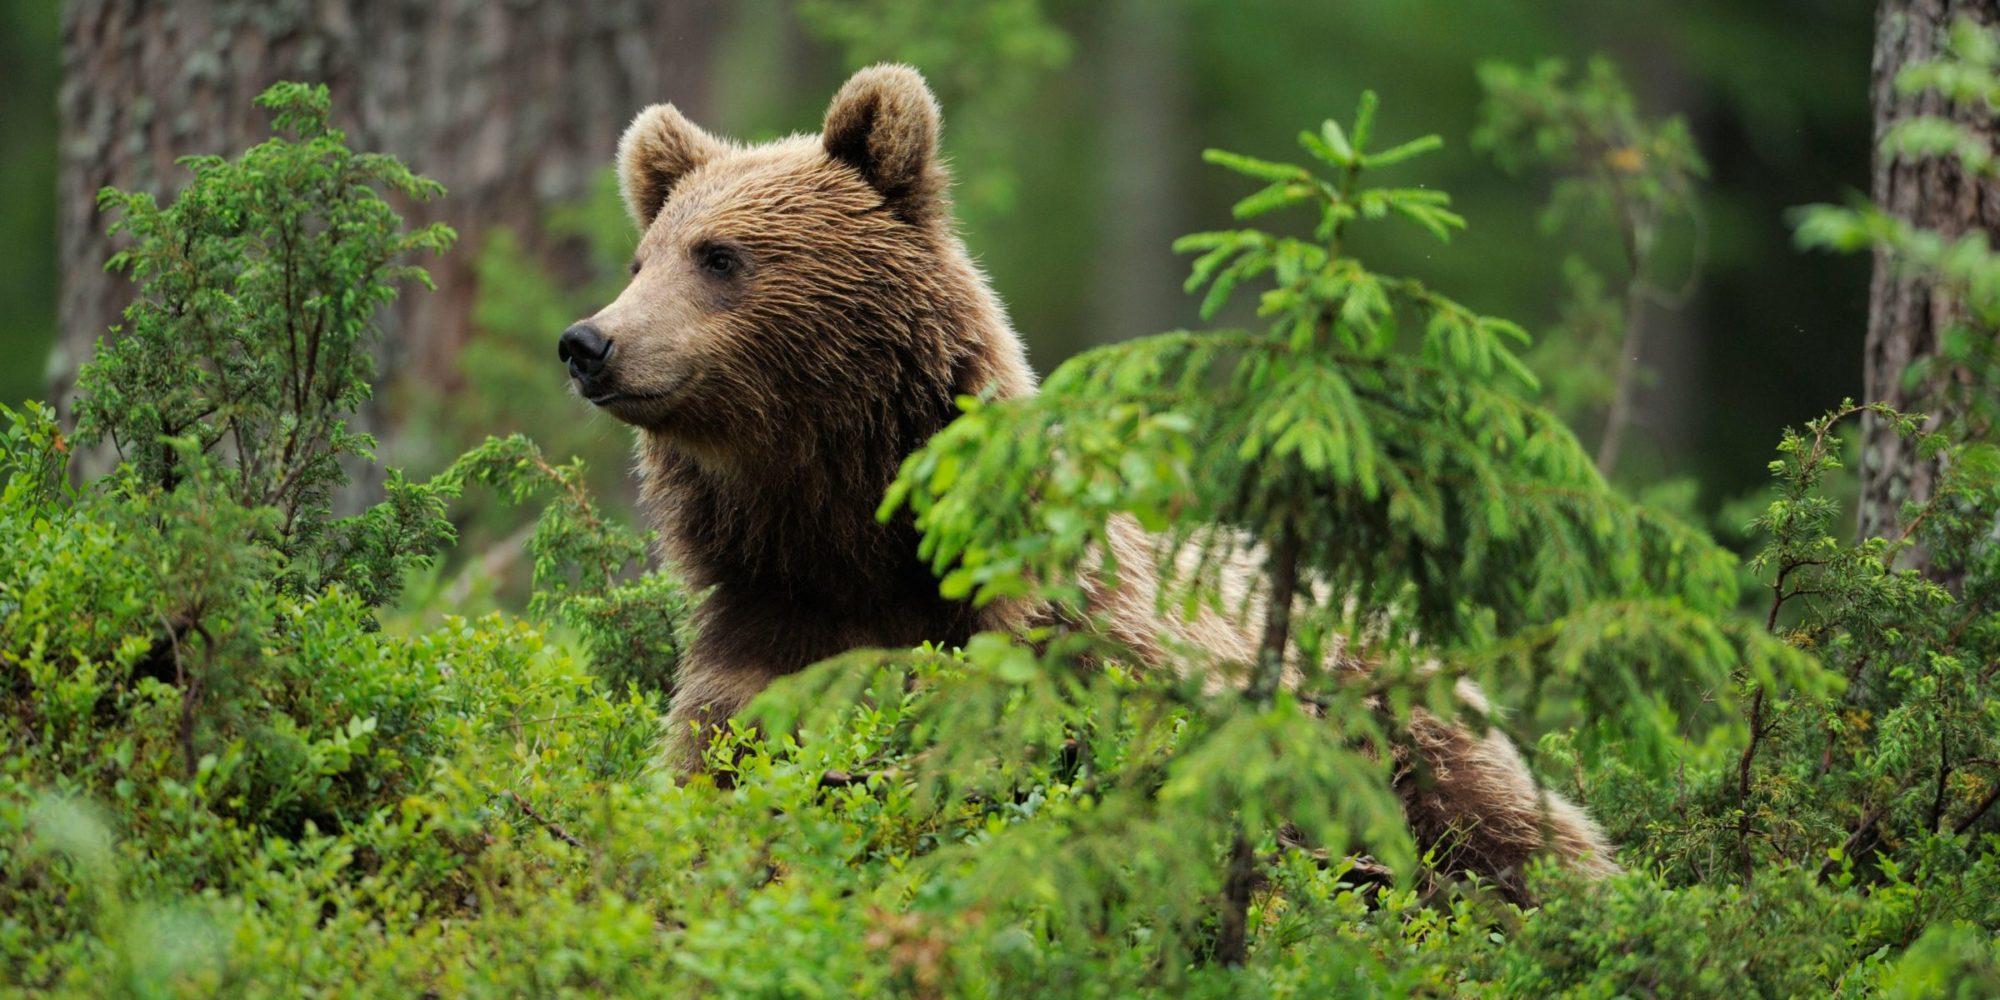 Від сьогодні в українських лісах розпочинається «сезон тиші» - ліс - 01 sezon 2000x1000